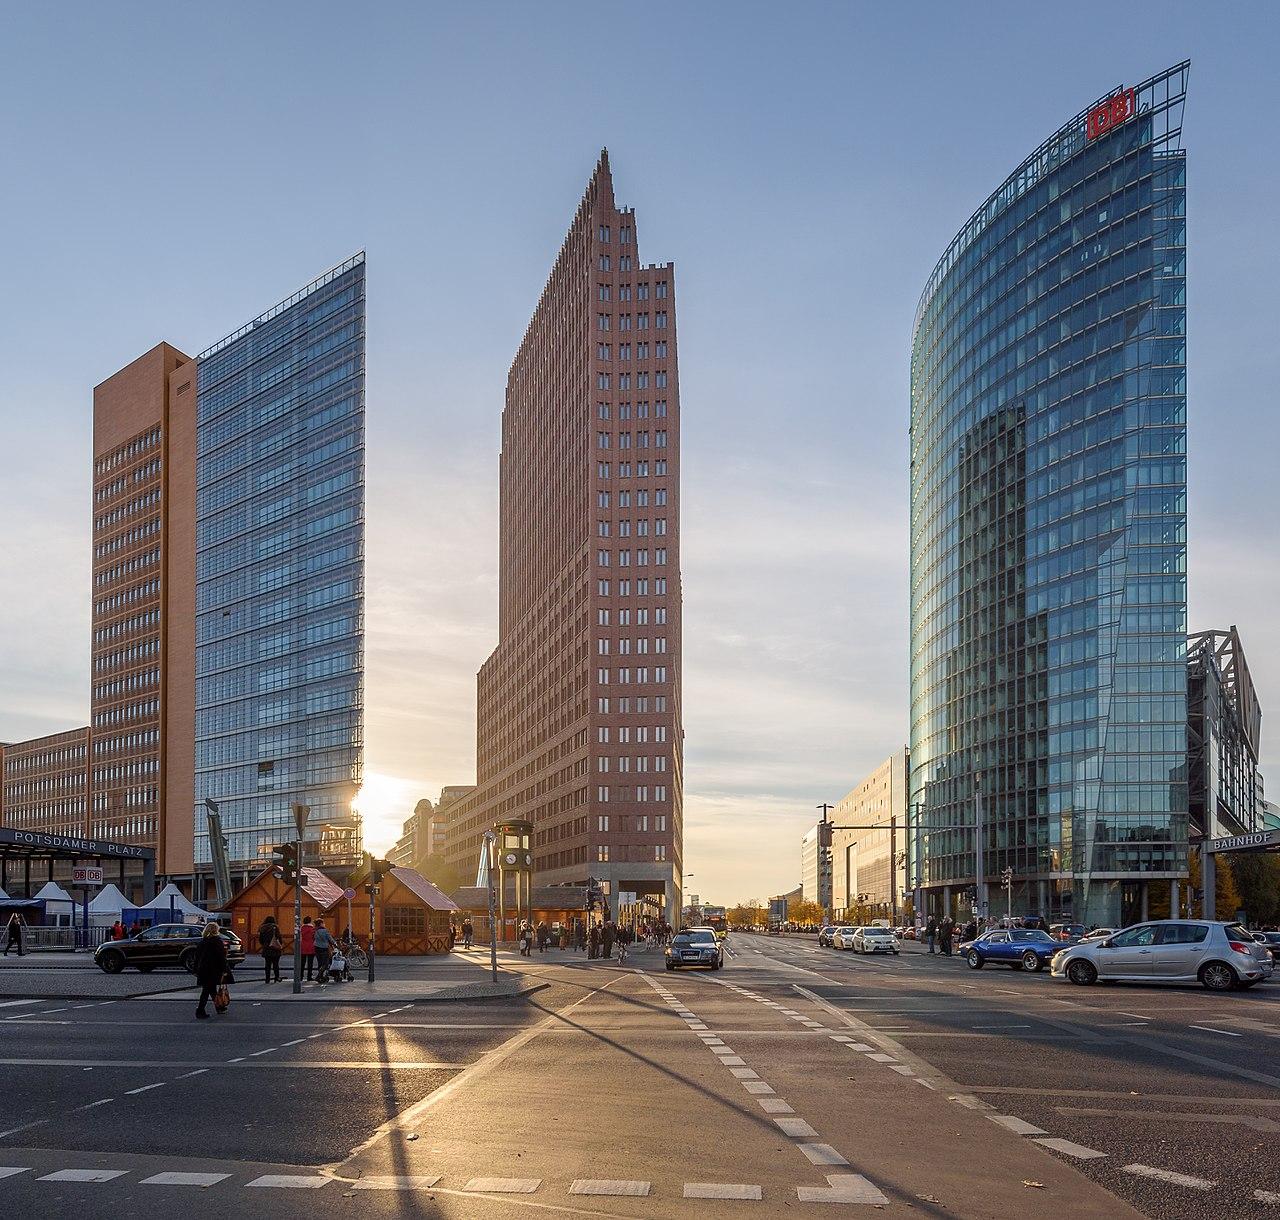 Potsdamer Platz, Locations, Berlin